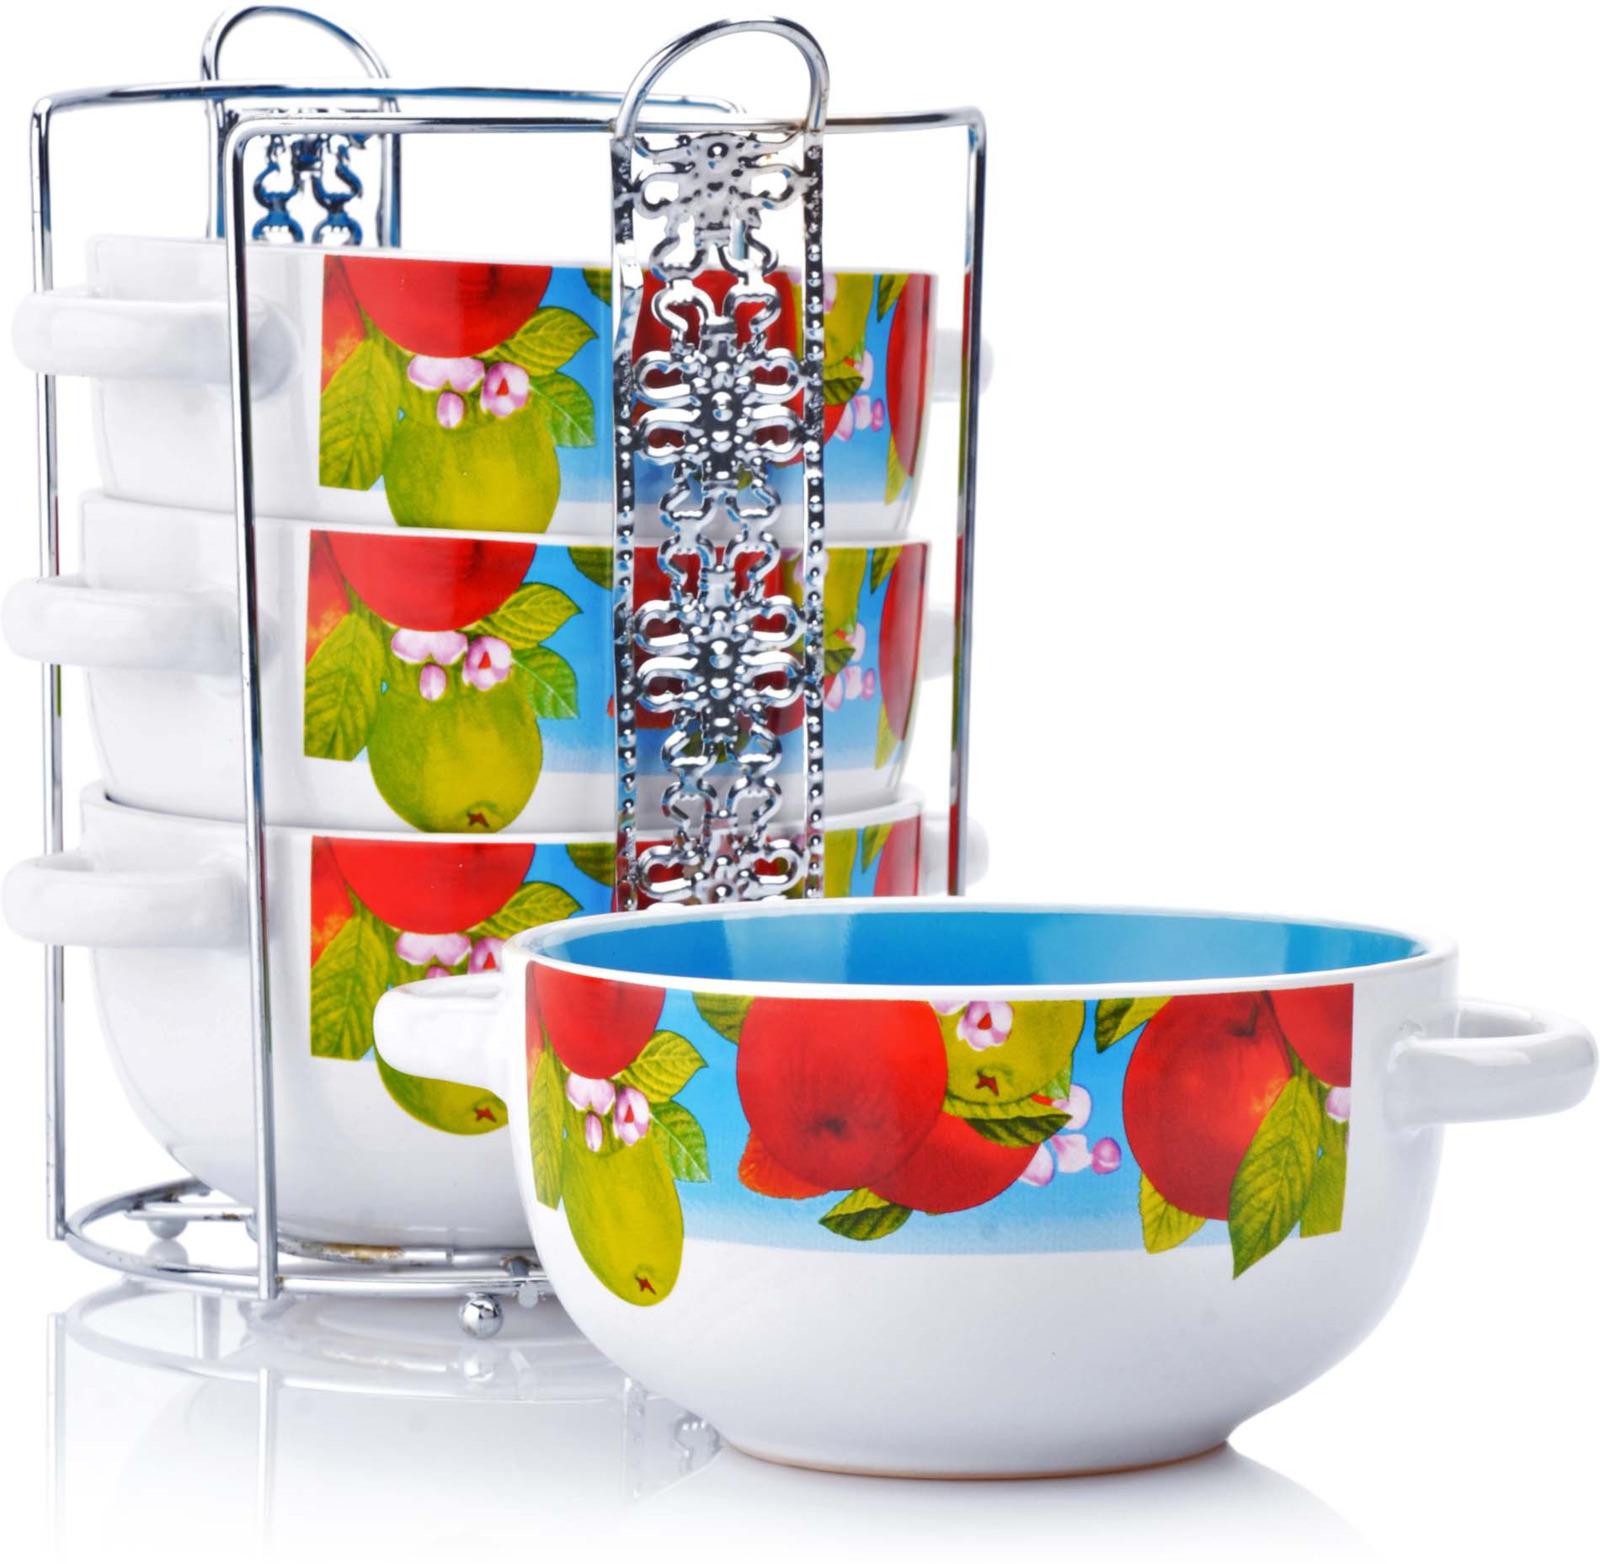 Набор супниц Loraine, на подставке, цвет: белый, красный, голубой, 540 мл, 5 шт набор супниц 5пр 540мл на подставке lr 1271828